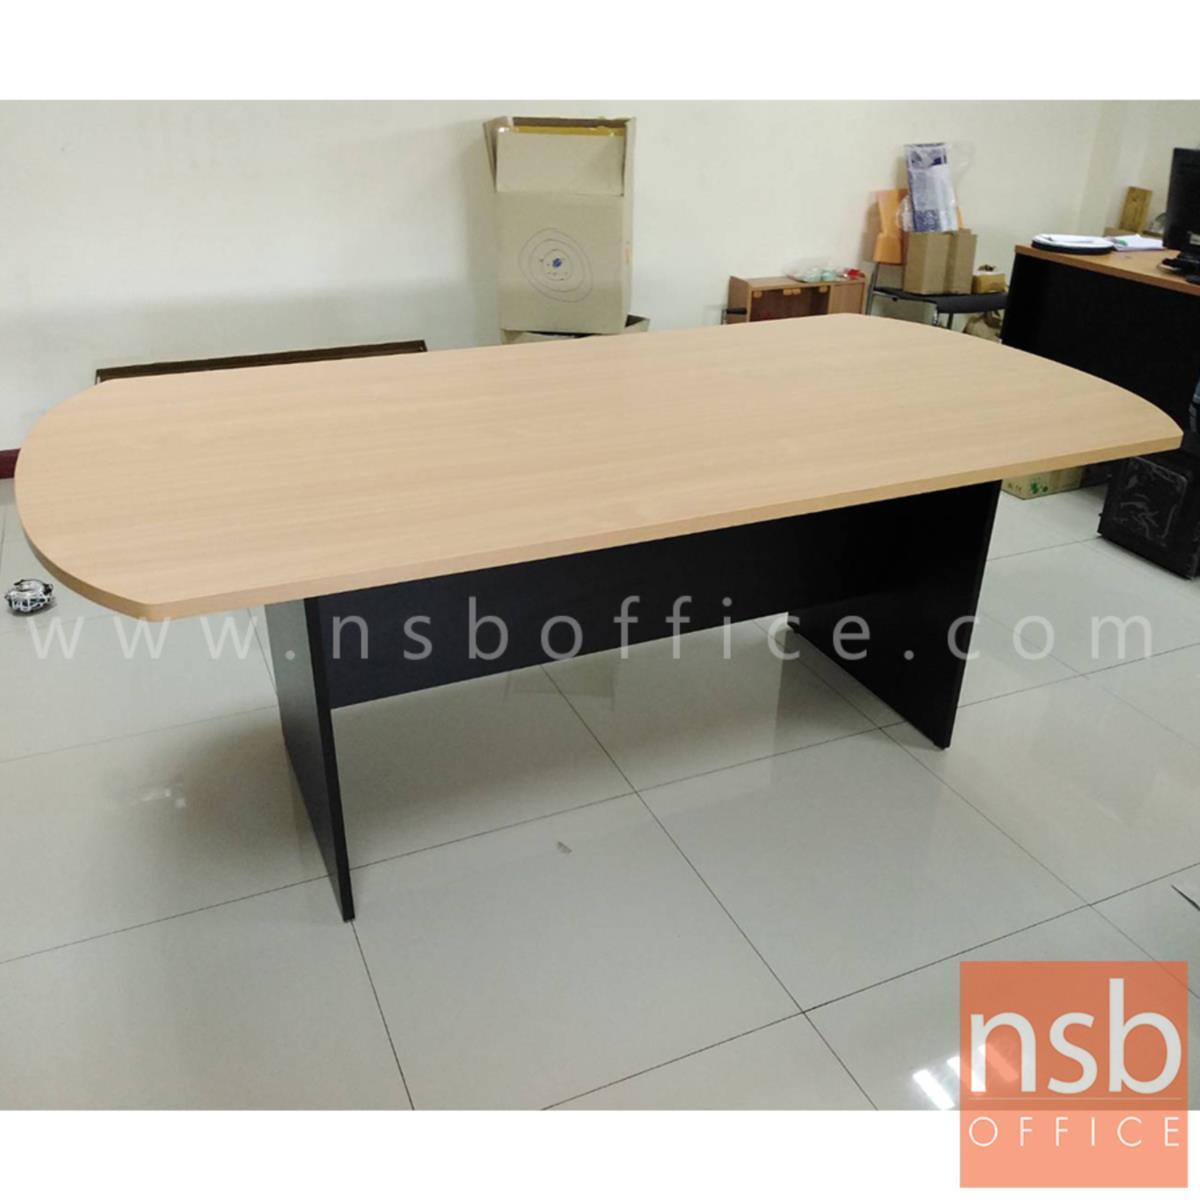 โต๊ะประชุมหัวโค้ง  6 ,8 ,10 ที่นั่ง ขนาด 180W ,200W ,240W cm. พร้อมระบบคานไม้ ขาไม้